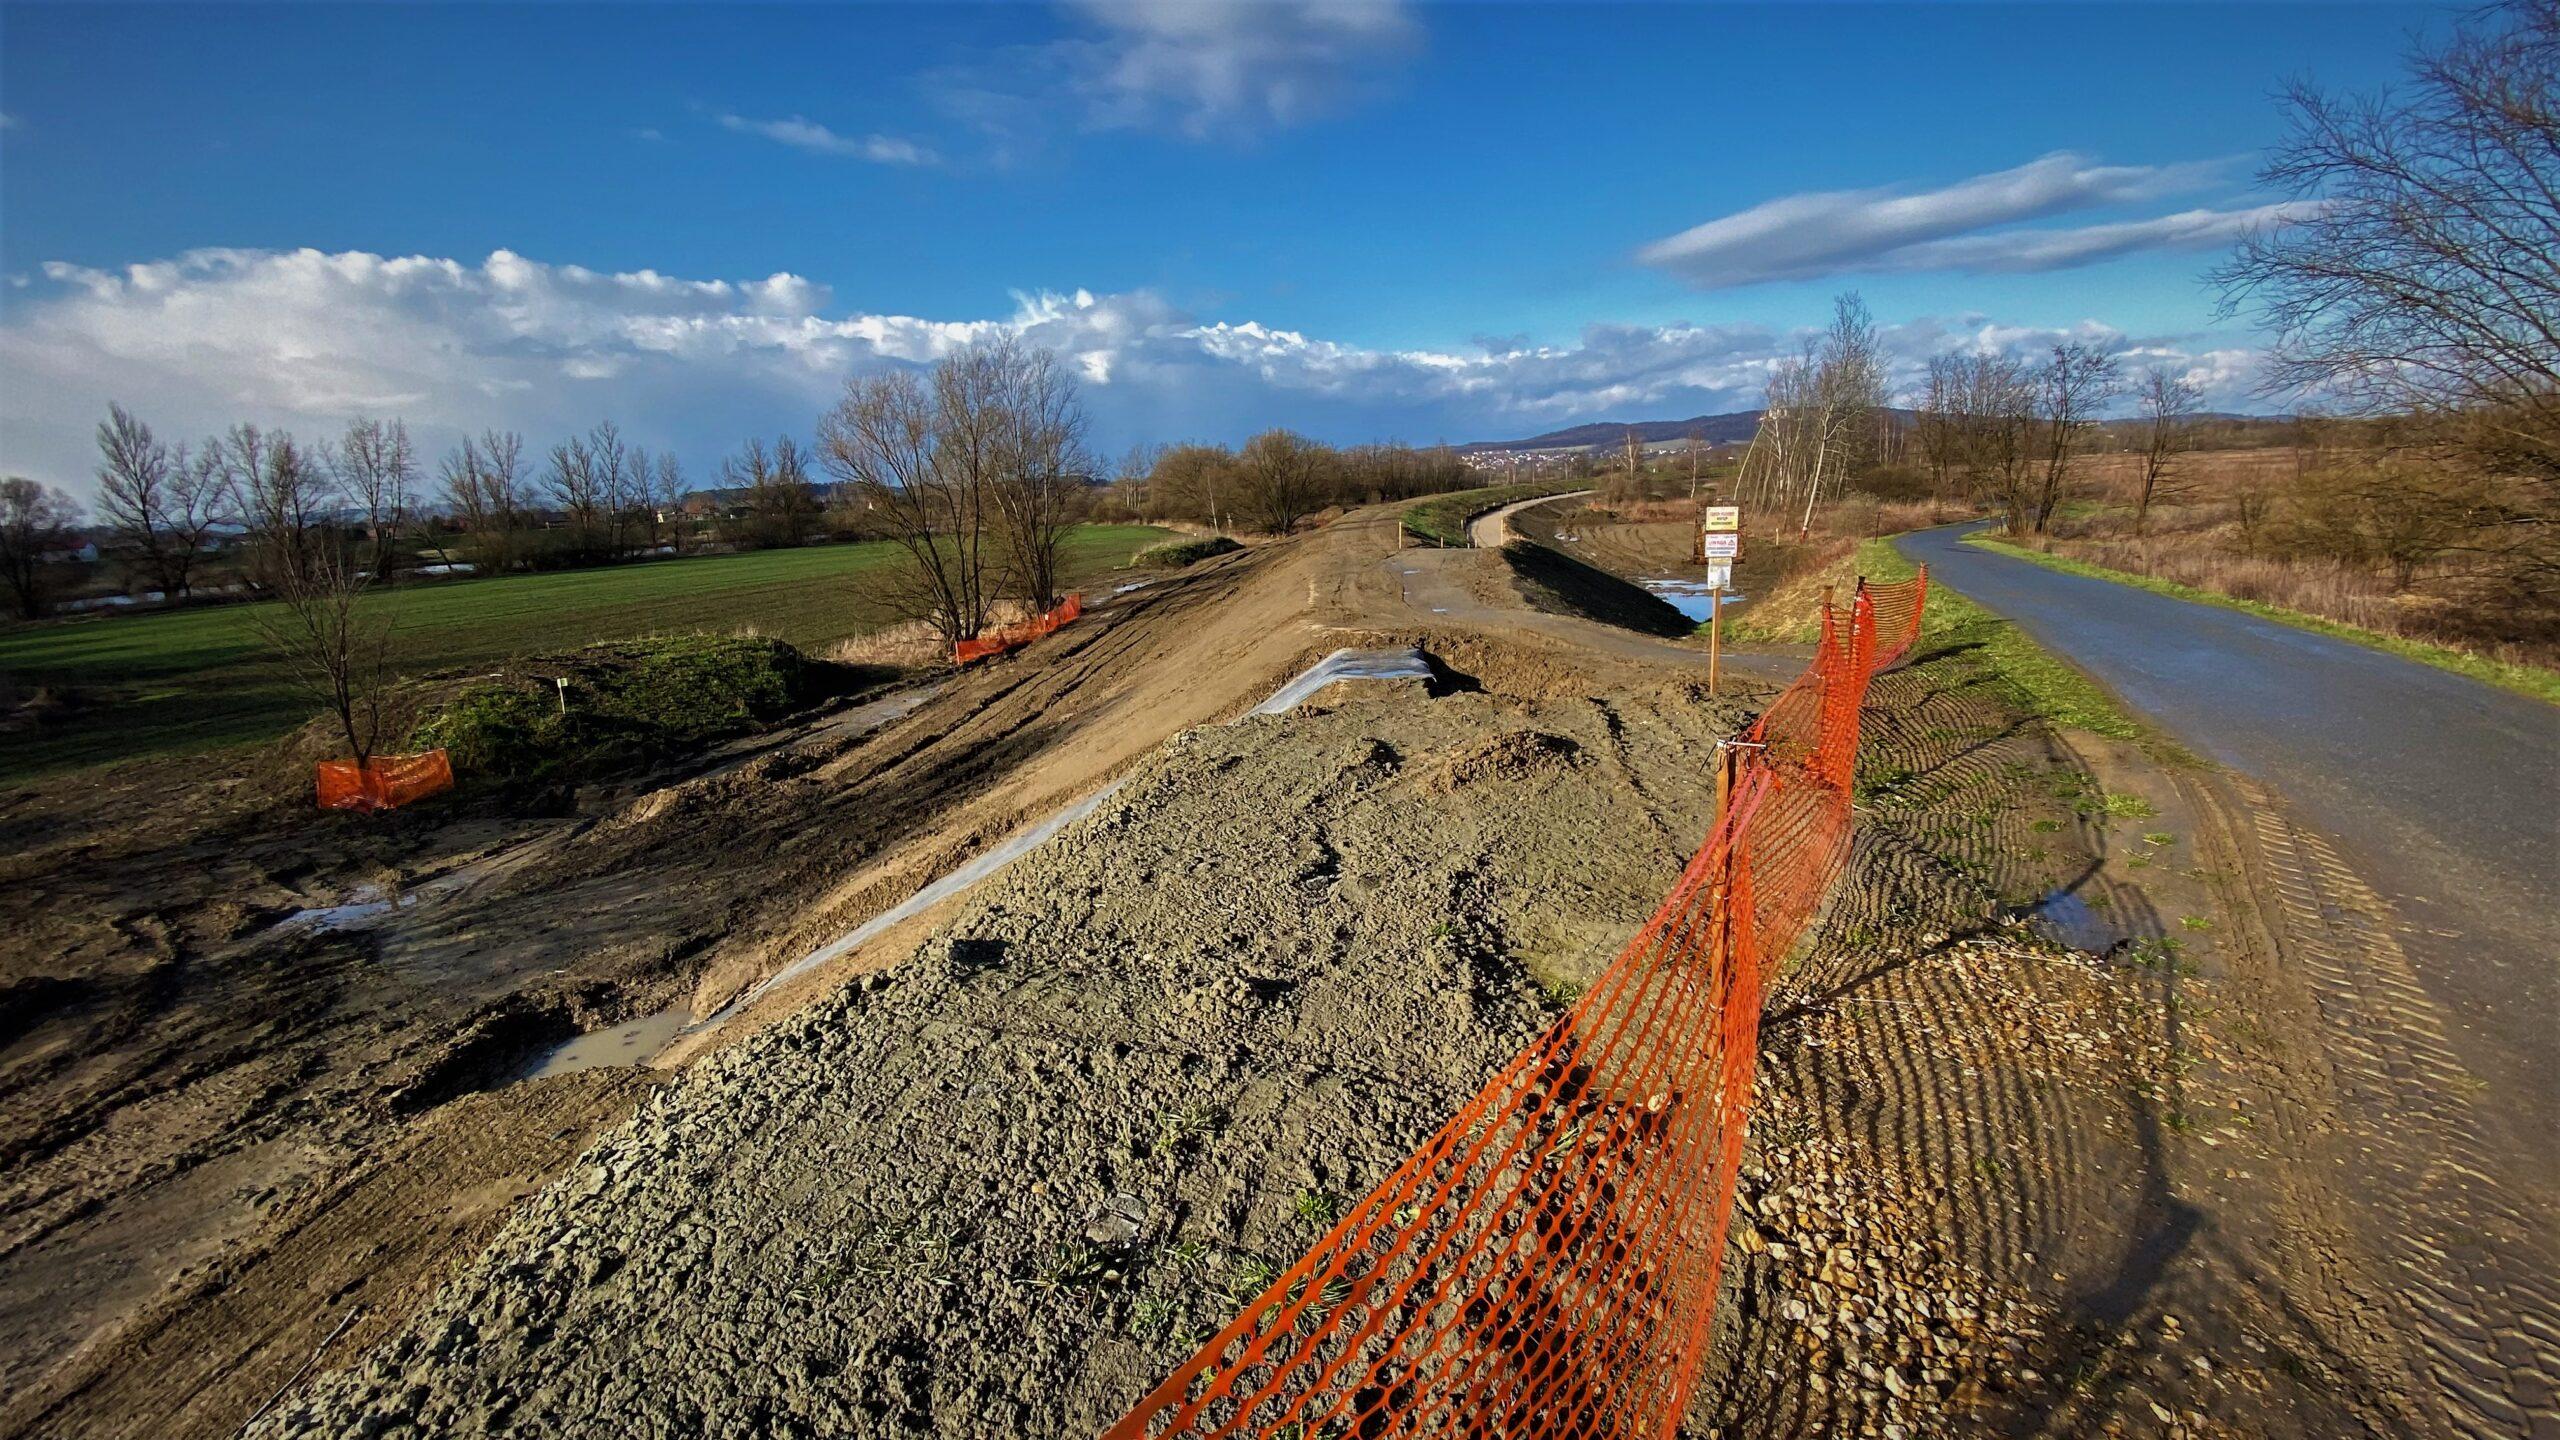 Droga rowerowa do Tyńca jeszcze nie w tym roku, ale budowa postępuje zgodnie z planem